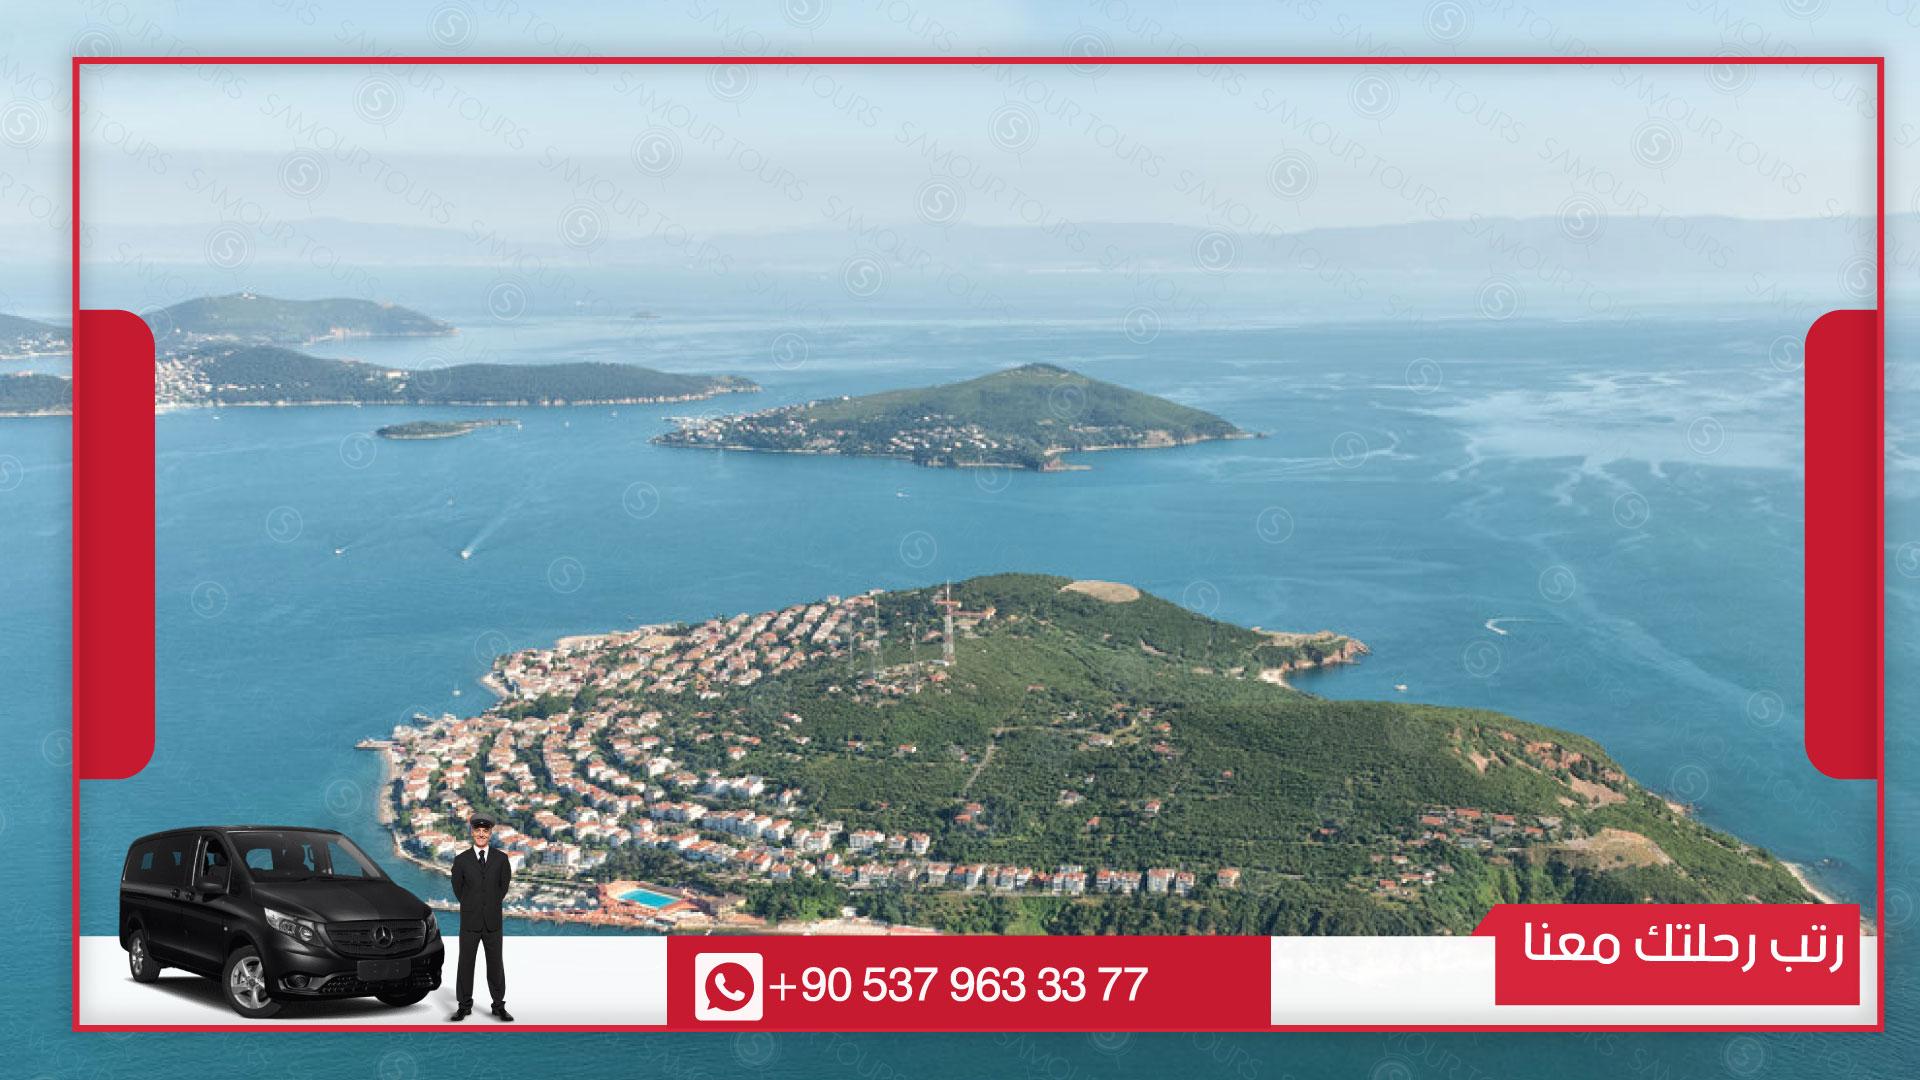 جولة-جزيرة-ااميرات-في-اسطنبول